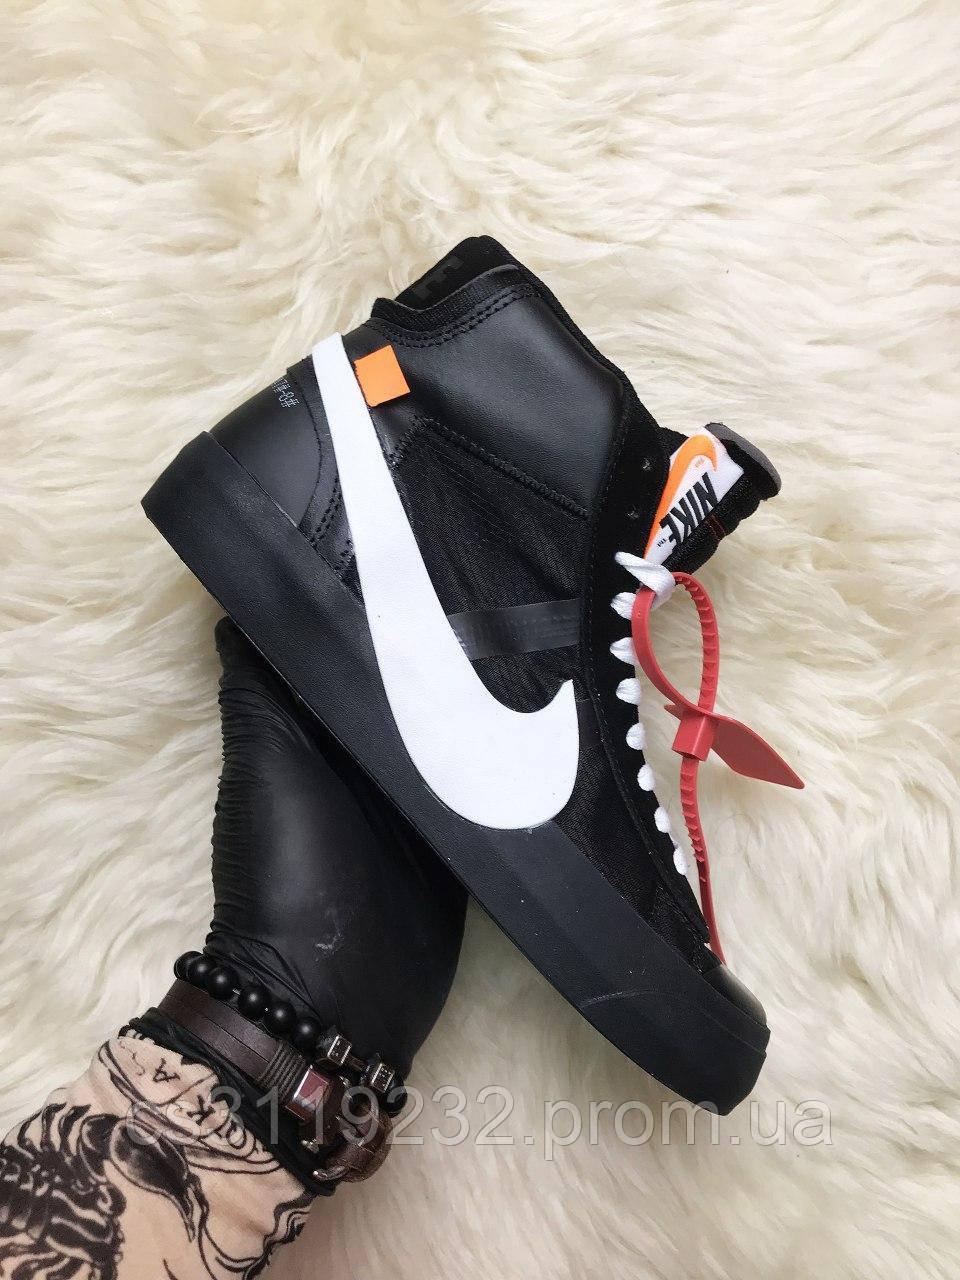 Чоловічі кросівки Nike Blazer Mid Black (чорні)